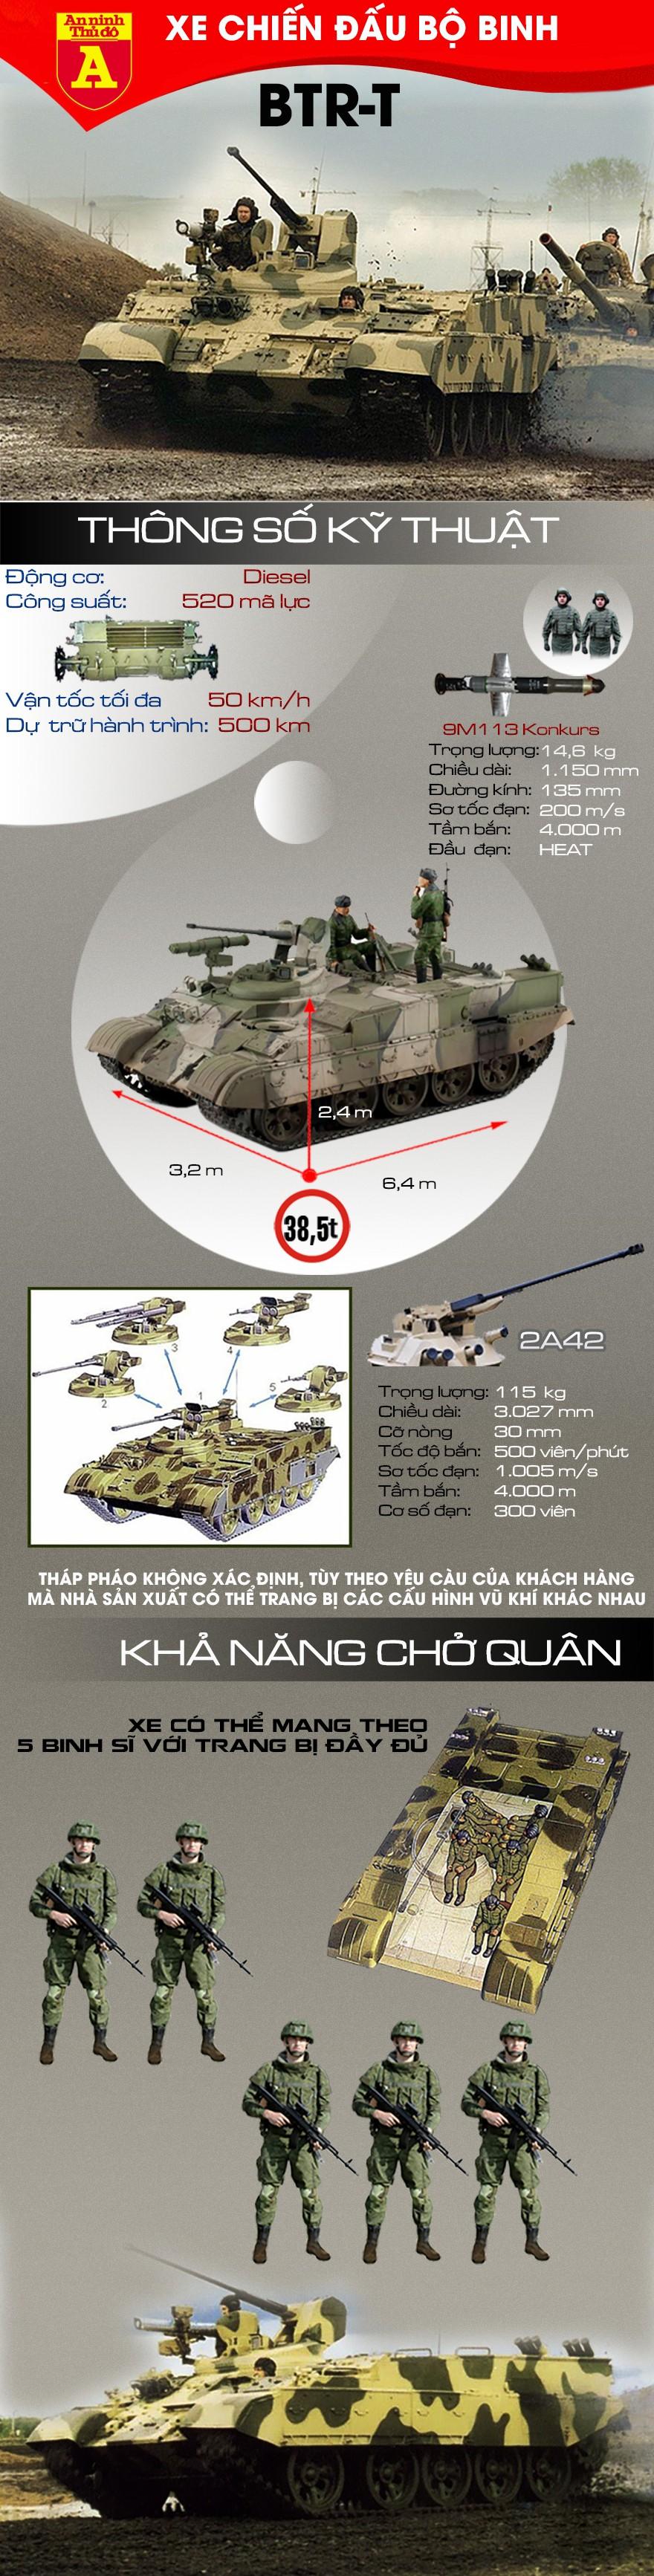 [Infographic] BTR-T, sự lột xác cho những chiếc xe tăng T-54/55 ảnh 2